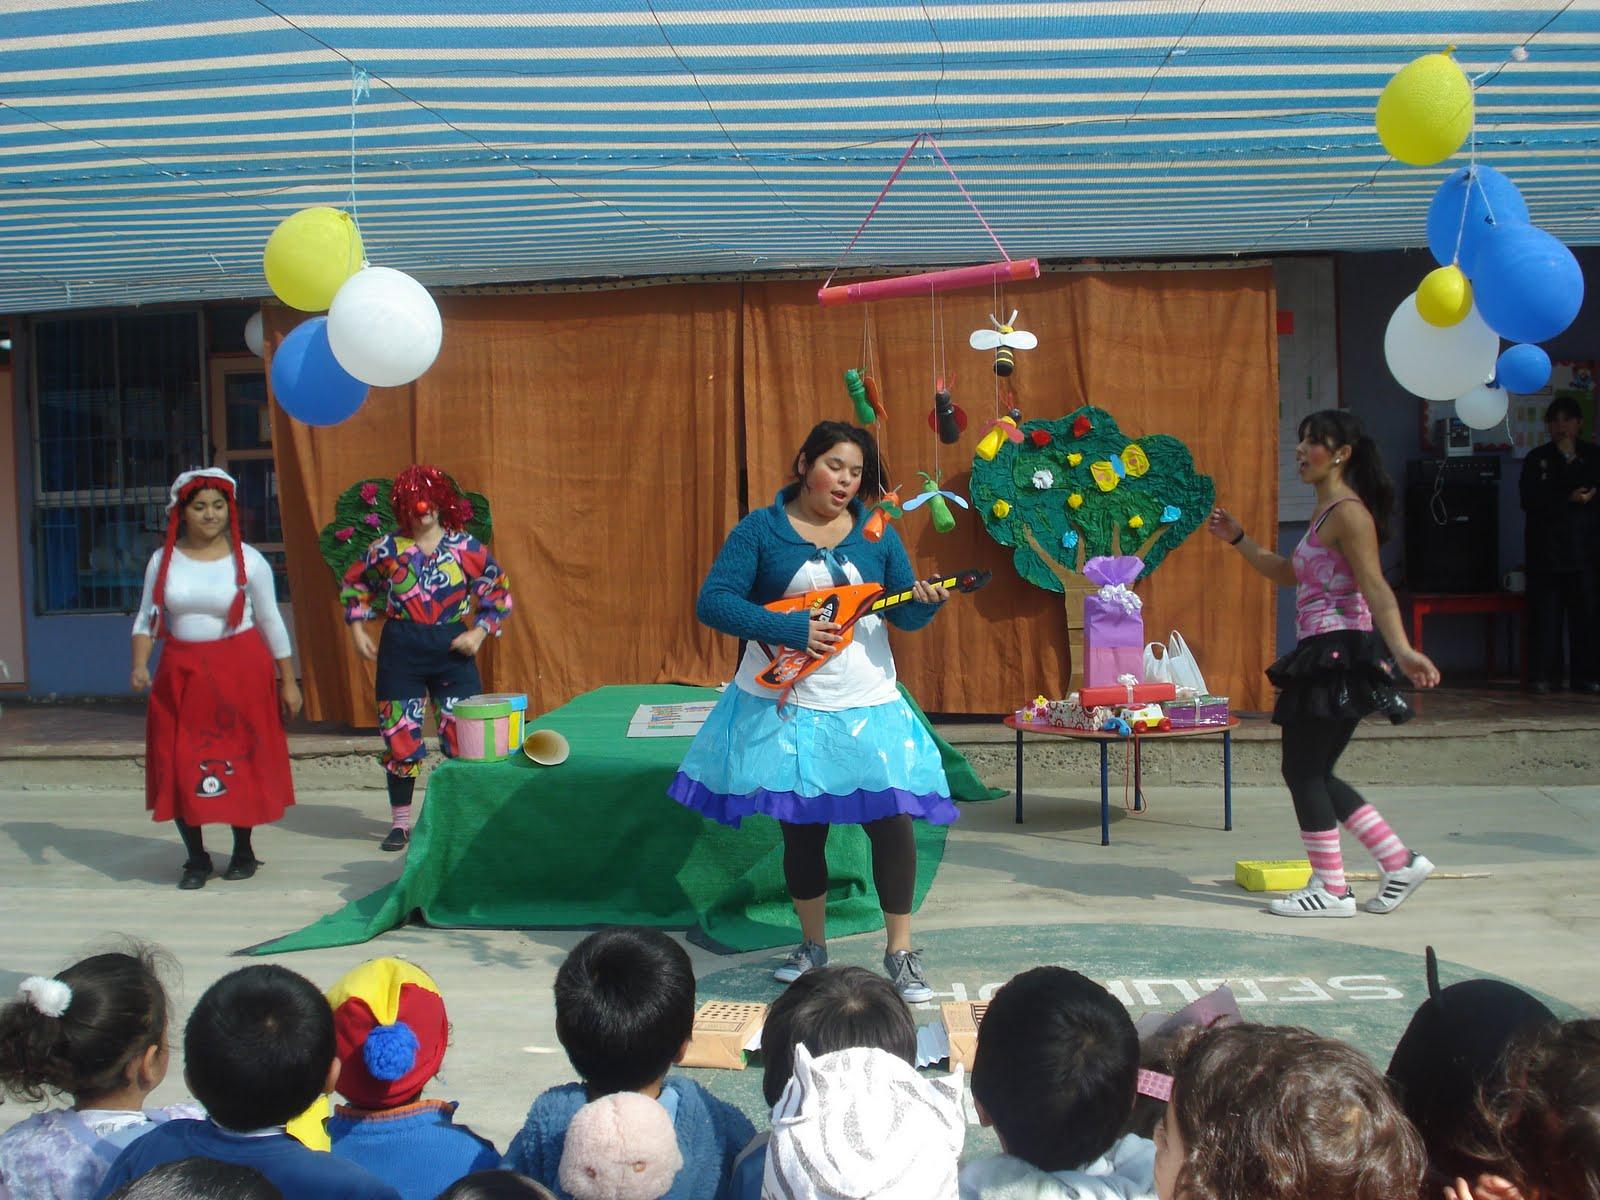 Conozca las actividades del jard n pichiche jard n for Actividades para jardin infantil